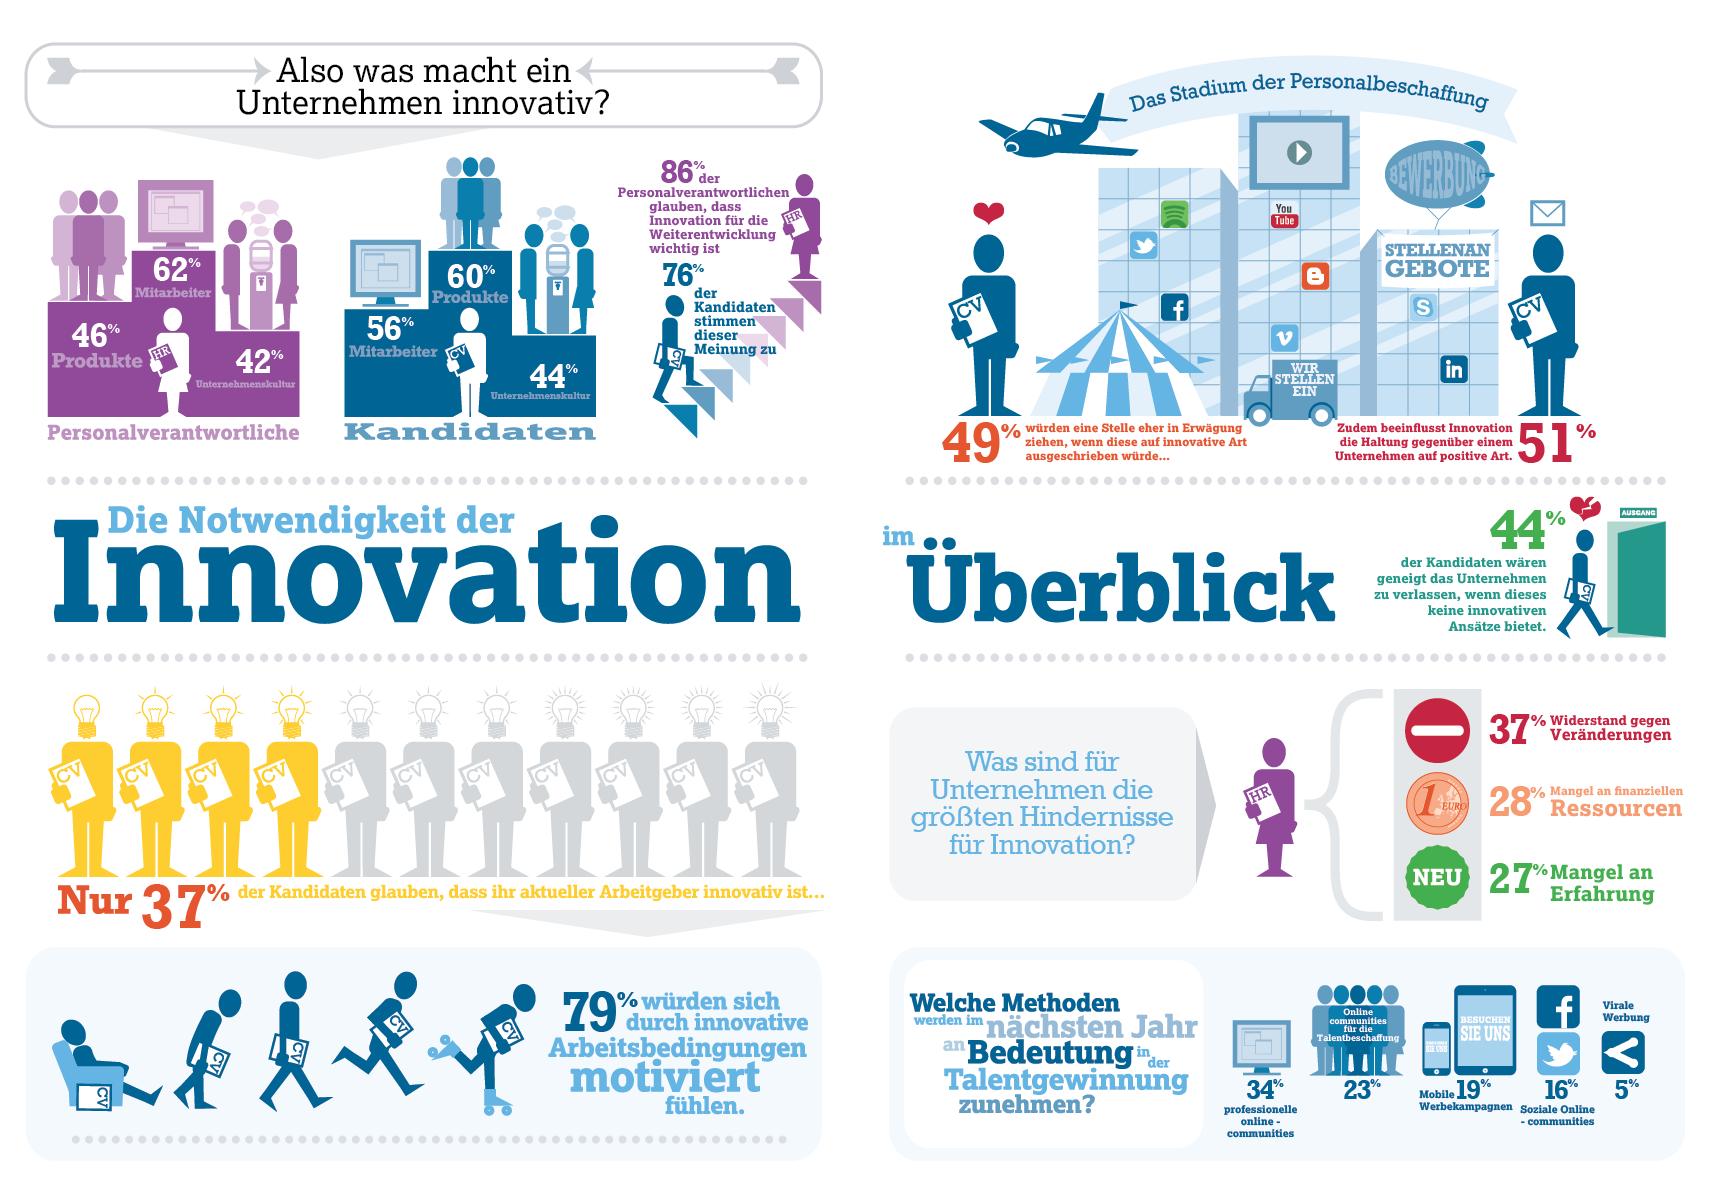 Futurestep-Studie: wie wichtig ist Innovationskultur, um Mitarbeiter zu rekrutieren und im Unternehmen zu halten?